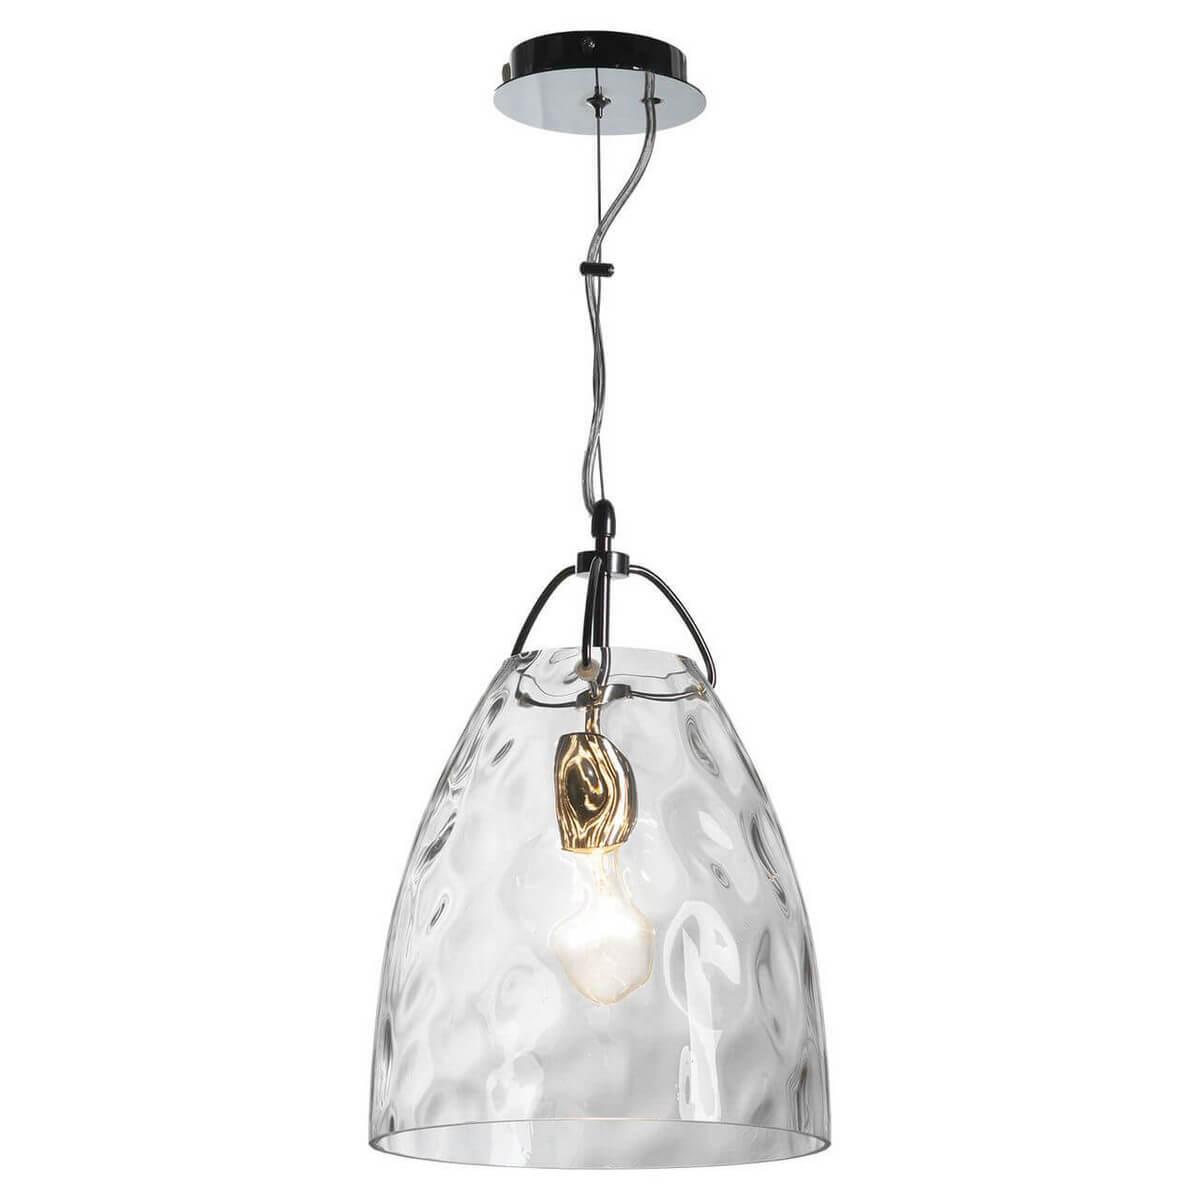 Подвесной светильник Lussole GRLSP-9629, E27, 11 Вт подвесной светильник lussole grlsp 9876 медь